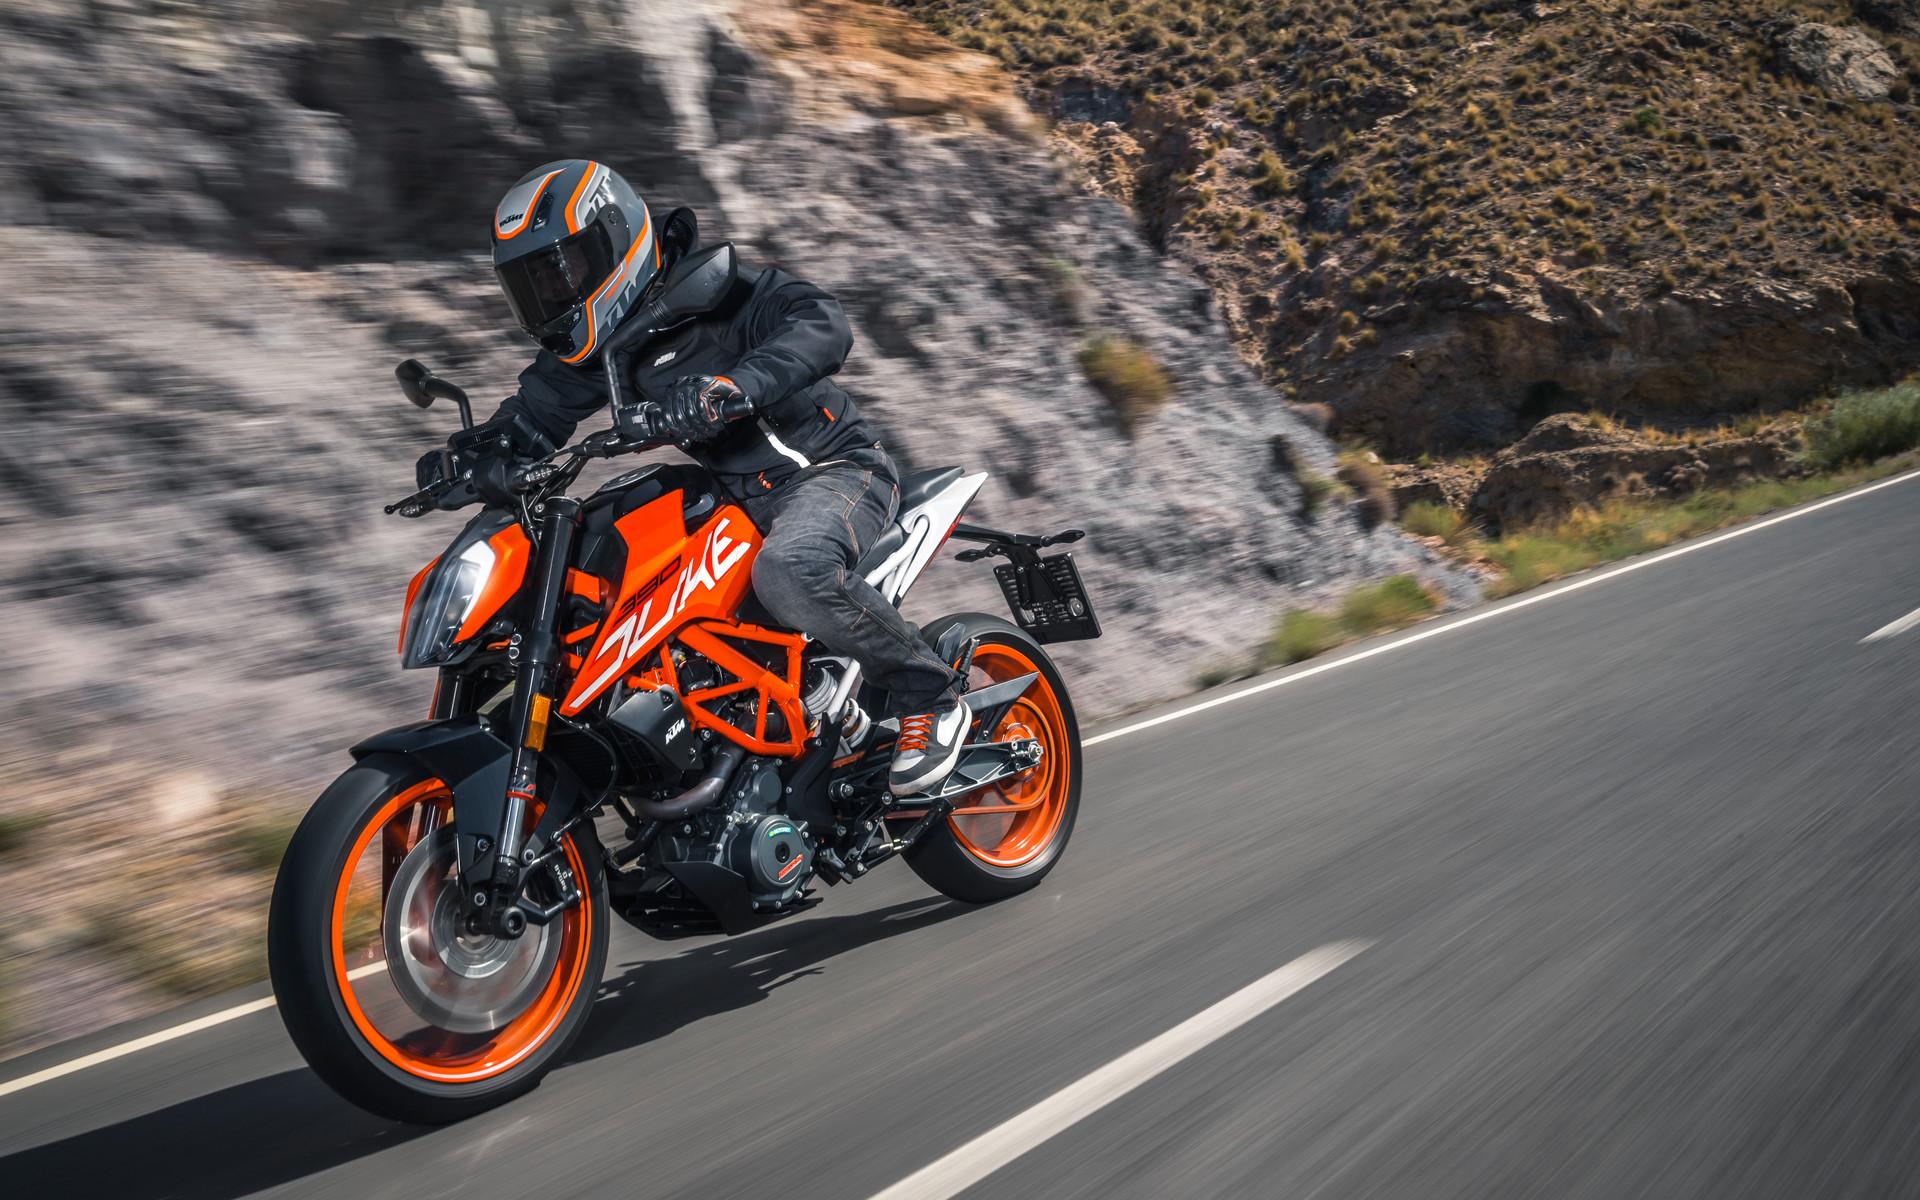 KTM DUKE 390 2017 Salto Cualitativo Somos la Moto 1920x1200